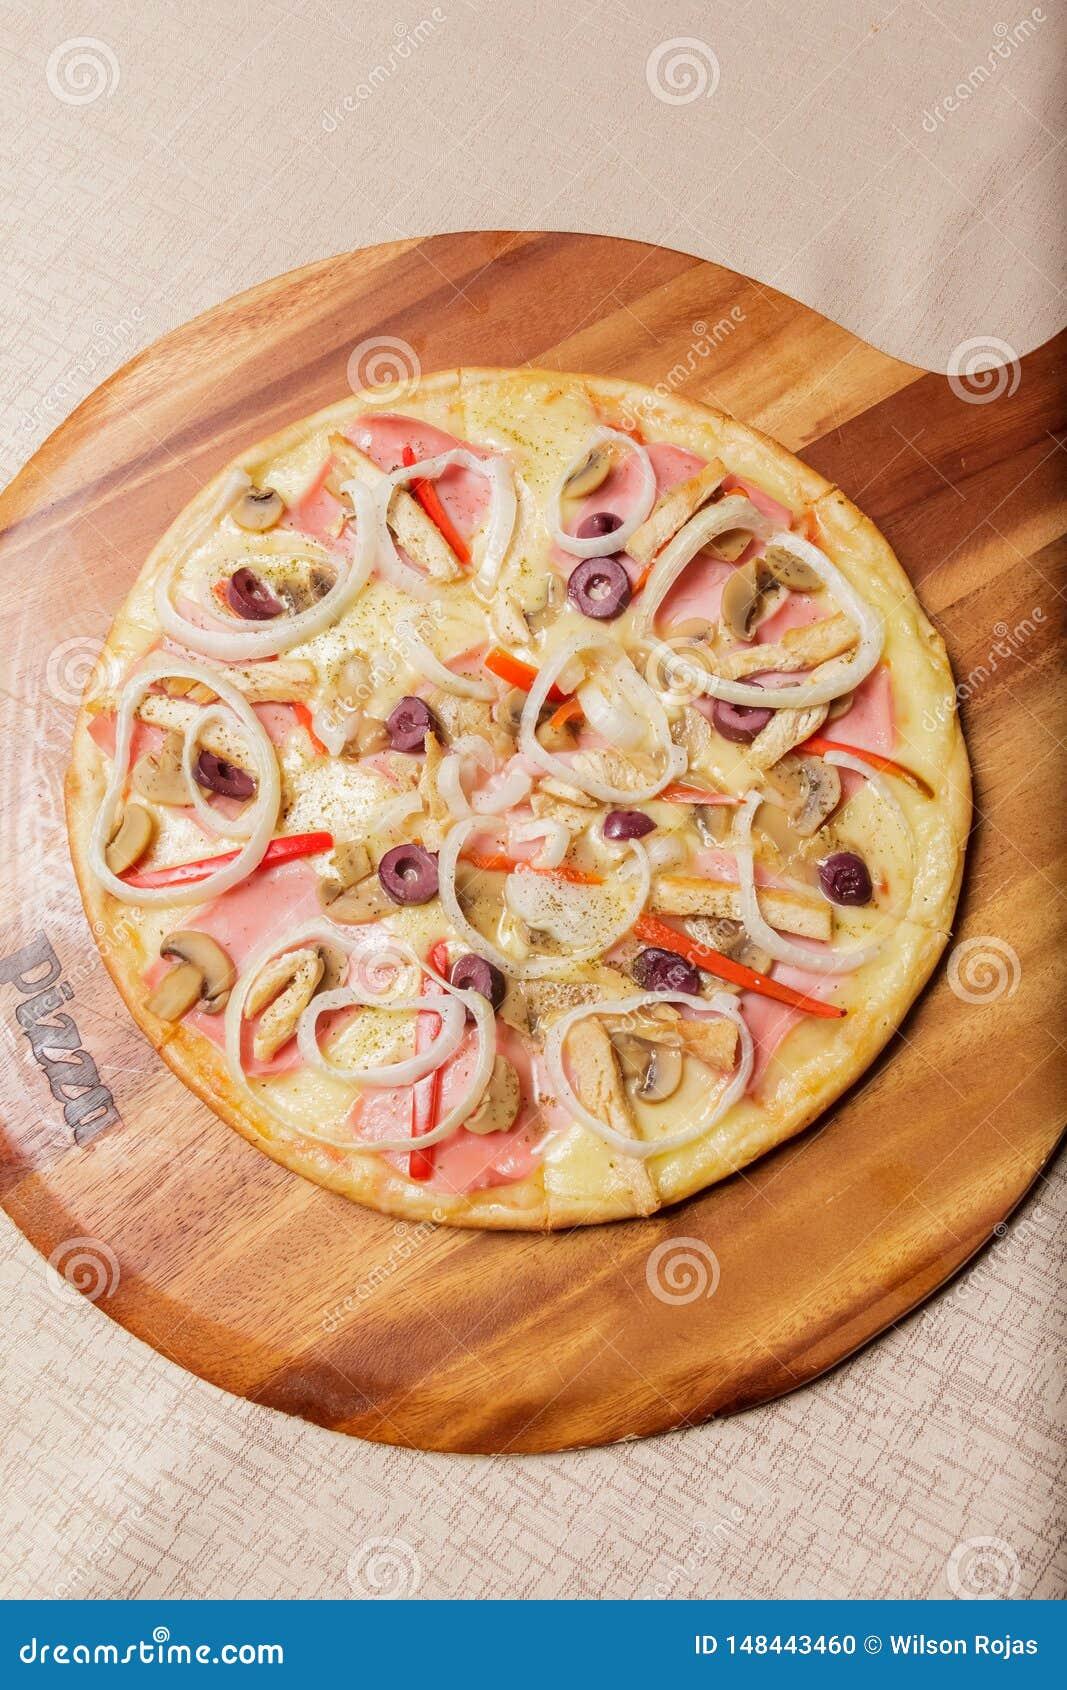 Εύγευστη πίτσα που εξυπηρετείται στο ξύλινο πιάτο - Imagen